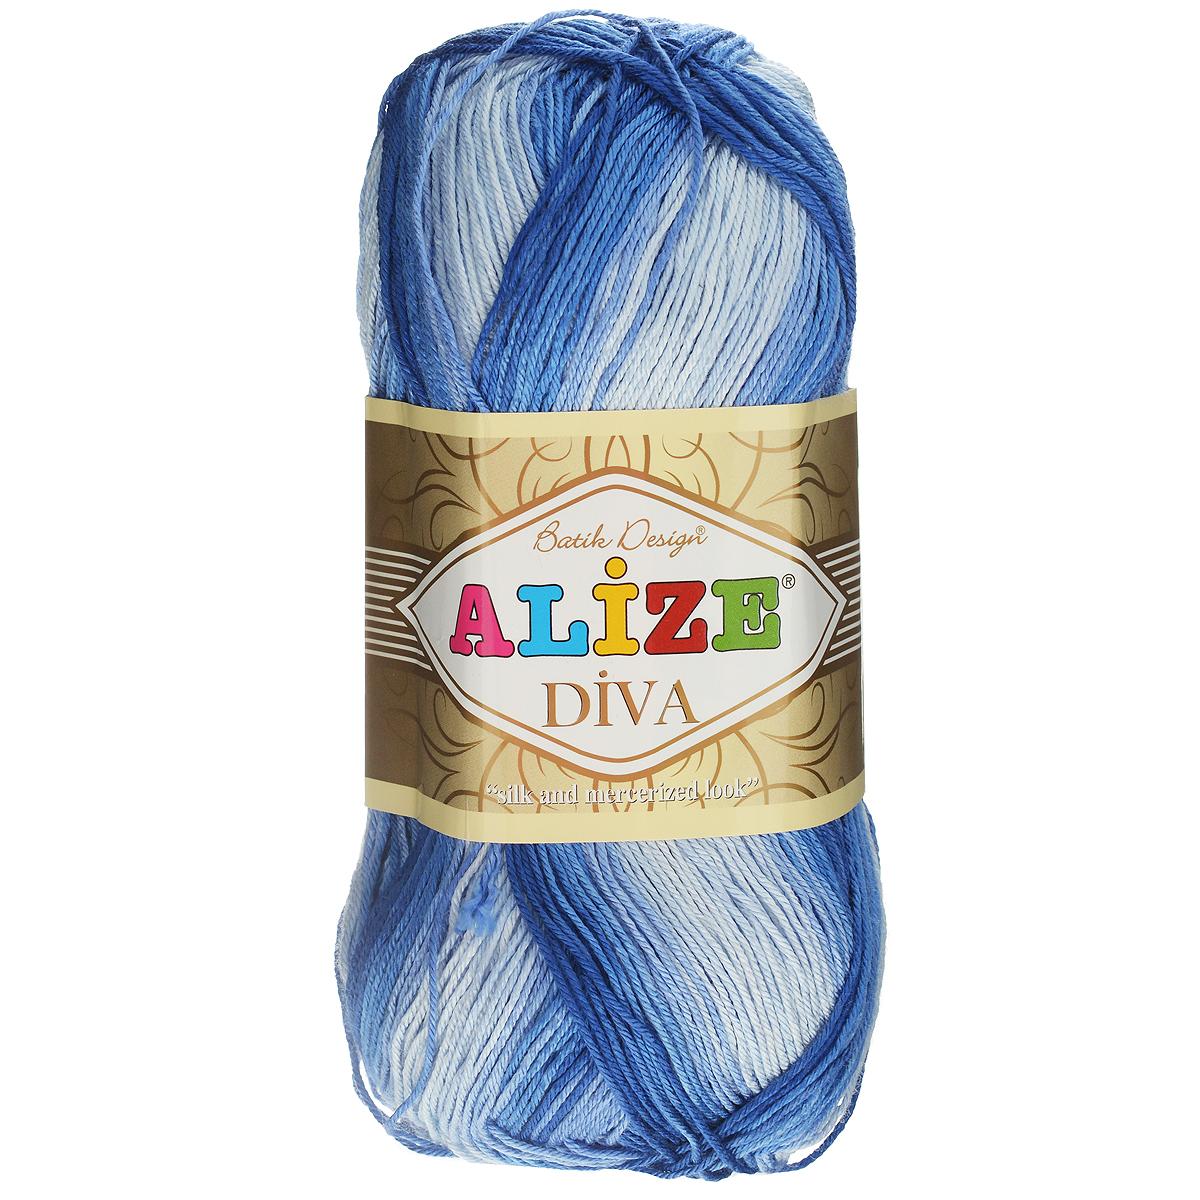 Пряжа для вязания Alize Diva. Batik Design, цвет: голубой, синий, 350 м, 100 г, 5 шт364119_3282Пряжа для вязания Alize Diva. Batik Design- это тщательно обработанная акриловая пряжа, которая приобретает вид мерсеризованной нити с эффектом шелка. Пряжа обладает отличными свойствами: мягкая, воздухопроницаемая, прочная. Пряжа из микрофибры считается материалом нового поколения. Легкая шелковистая пряжа удлиненной секции окрашивания для весенних или летних вещей. Приятная на ощупь, гигроскопичная она подойдет для сарафанов, туник, платьев, легких костюмов, кофт, шалей и накидок. Пряжа не скатывается, не вызывает аллергию, не линяет и не оставляет ворсинок на другой одежде. Рекомендации по уходу: деликатная ручная стирка при 30°С, не отжимать в стиральной машине, не отбеливать хлорсодержащими веществами. Глажение на минимальной температуре. Сушите на горизонтальной поверхности: предварительно придав изделию естественную форму. Рекомендованный размер спиц: №2,5-3,5. Рекомендованный размер крючка: №1-3.